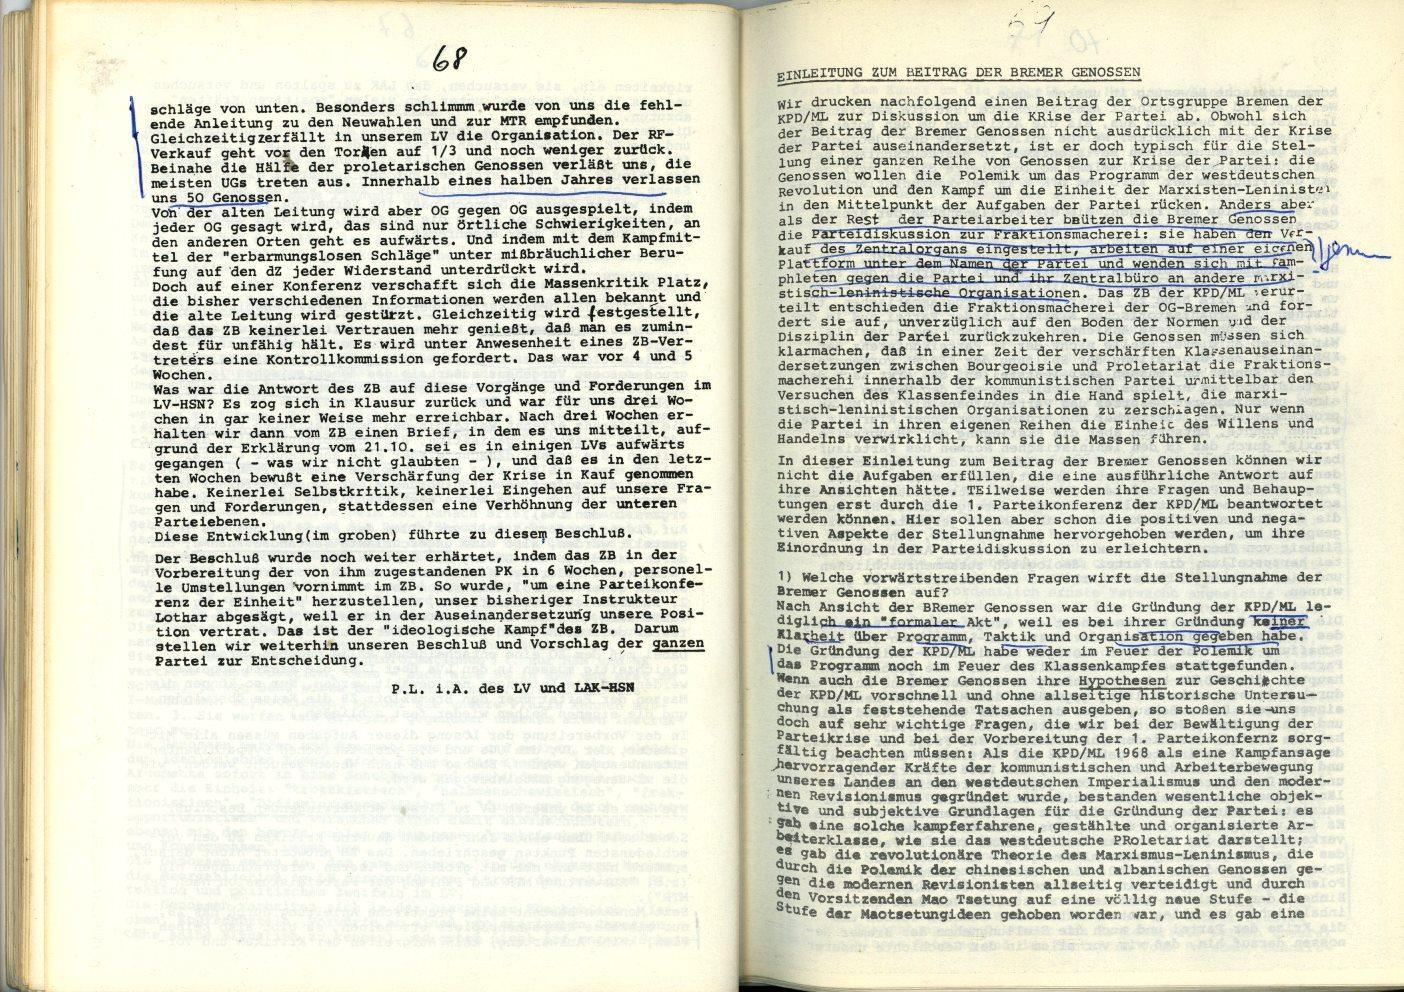 ZB_1972_Diskussionsorgan_zur_ersten_Parteikonferenz_38